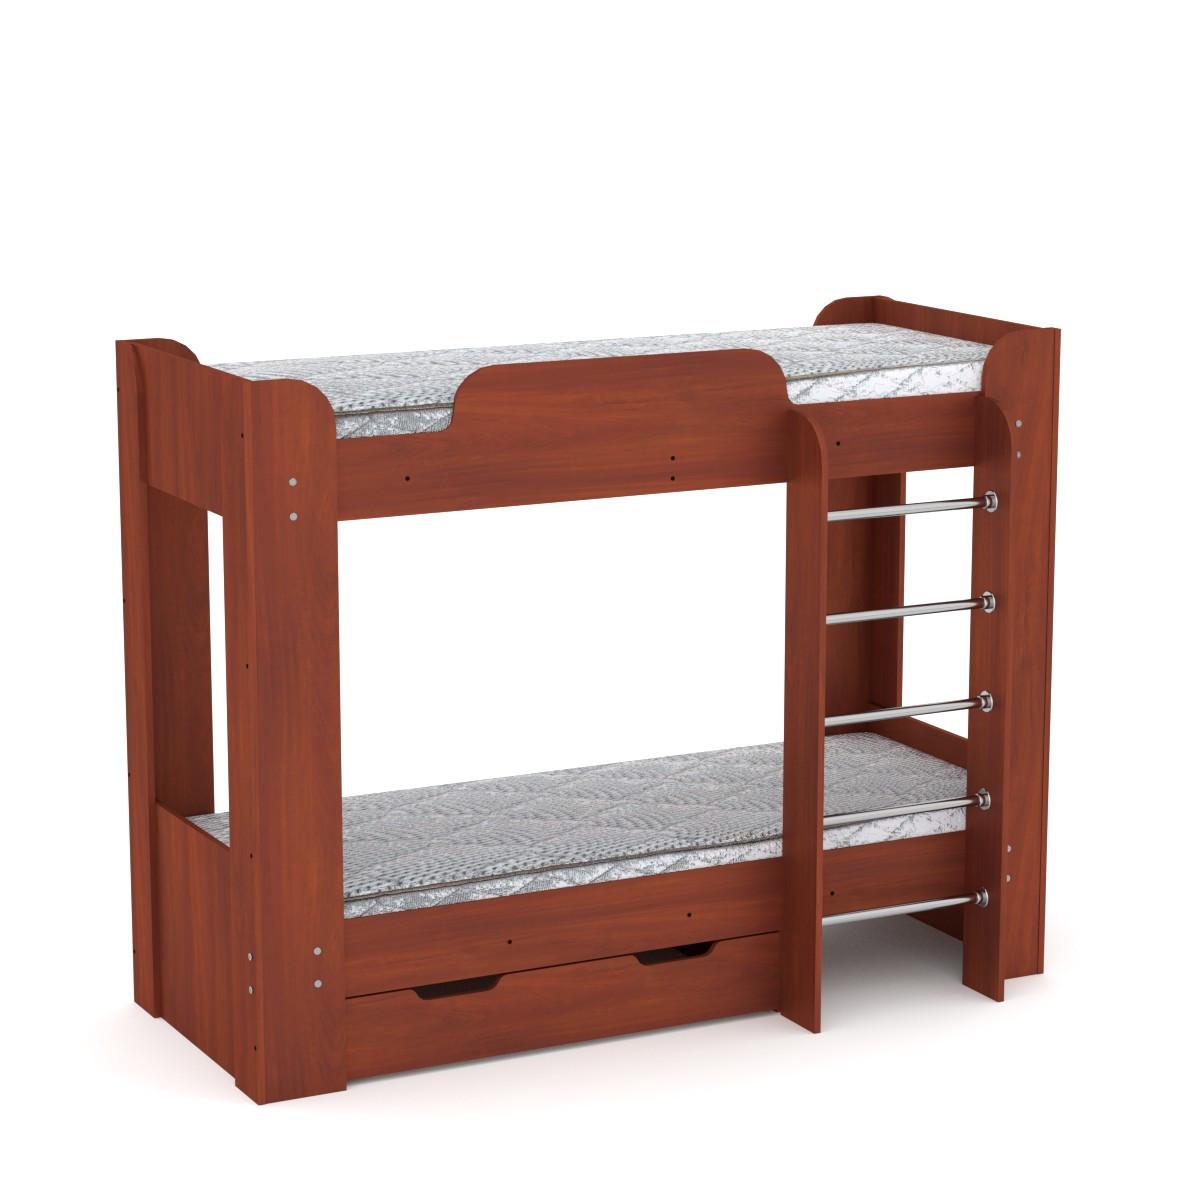 Кровать с матрасами двухъярусная Твикс-2 яблоня Компанит